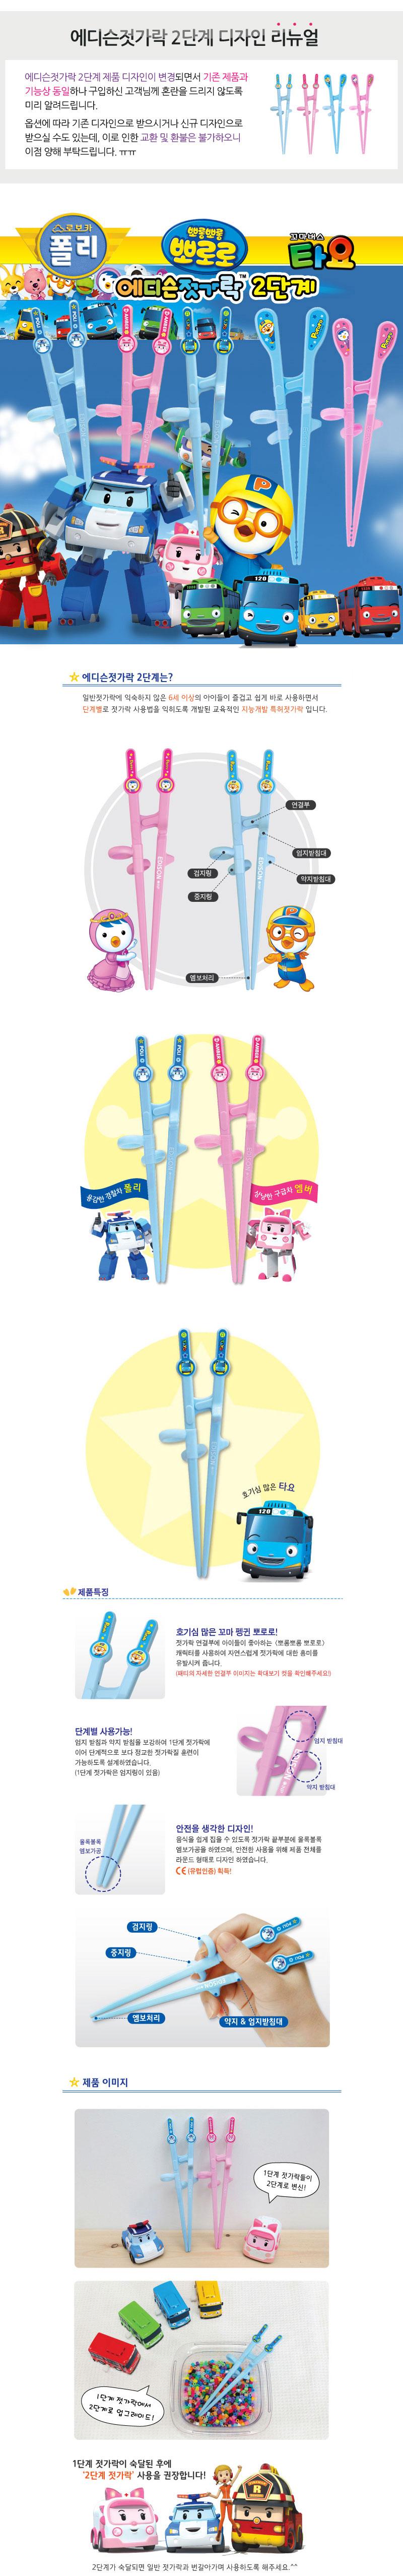 에디슨 2단계 캐릭터 젓가락 뽀로로 폴리 엠버 타요 - 베이비피아, 5,775원, 유아식기/용품, 수저/포크/젓가락